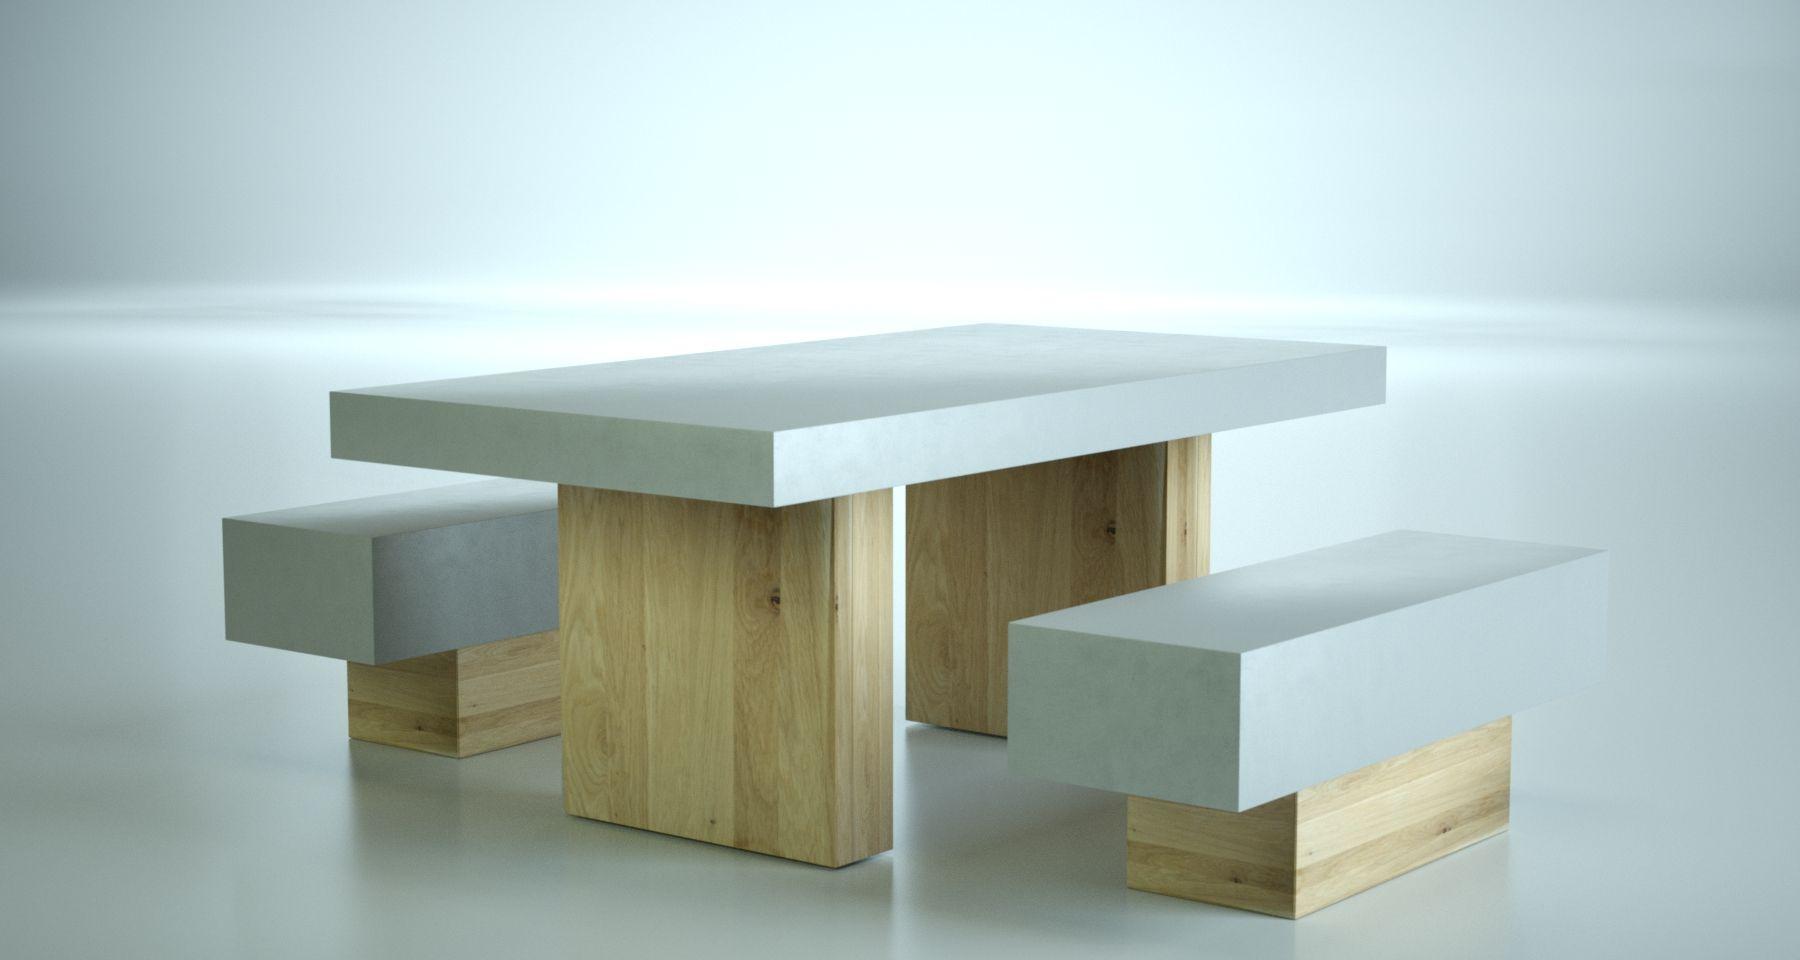 Esszimmermöbel design wohnzimmermöbel esszimmermöbel gartenmöbel aus glasfaserbeton in